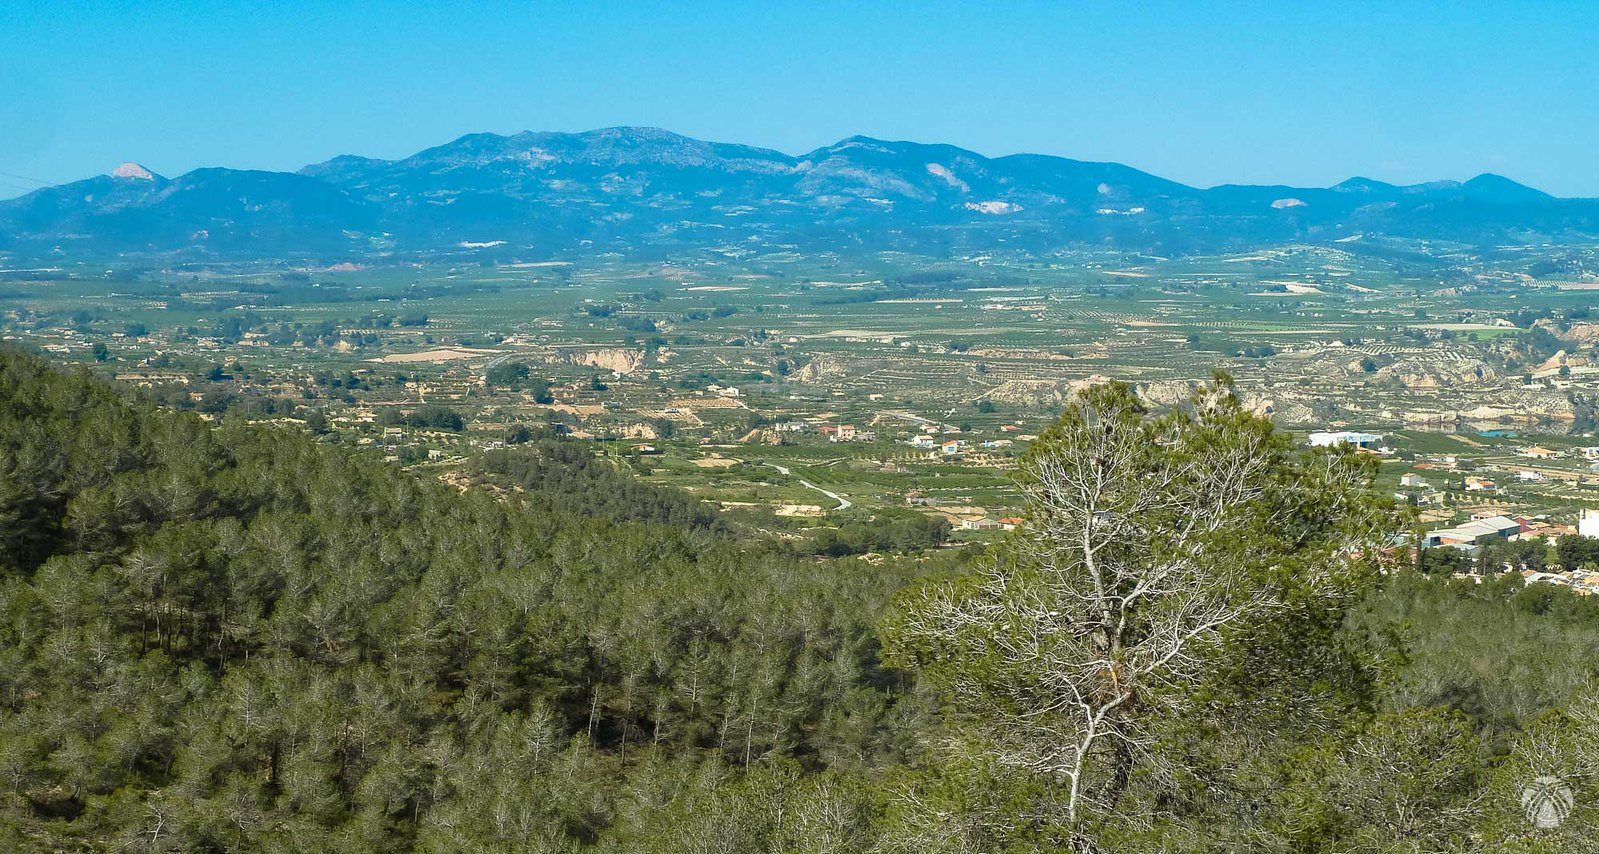 Vistas de la cuenca del río Pliego: a la izquierda la Peñarrubia, en el centro domina la Sierra de Pedro Ponce y a la derecha está la Lavia